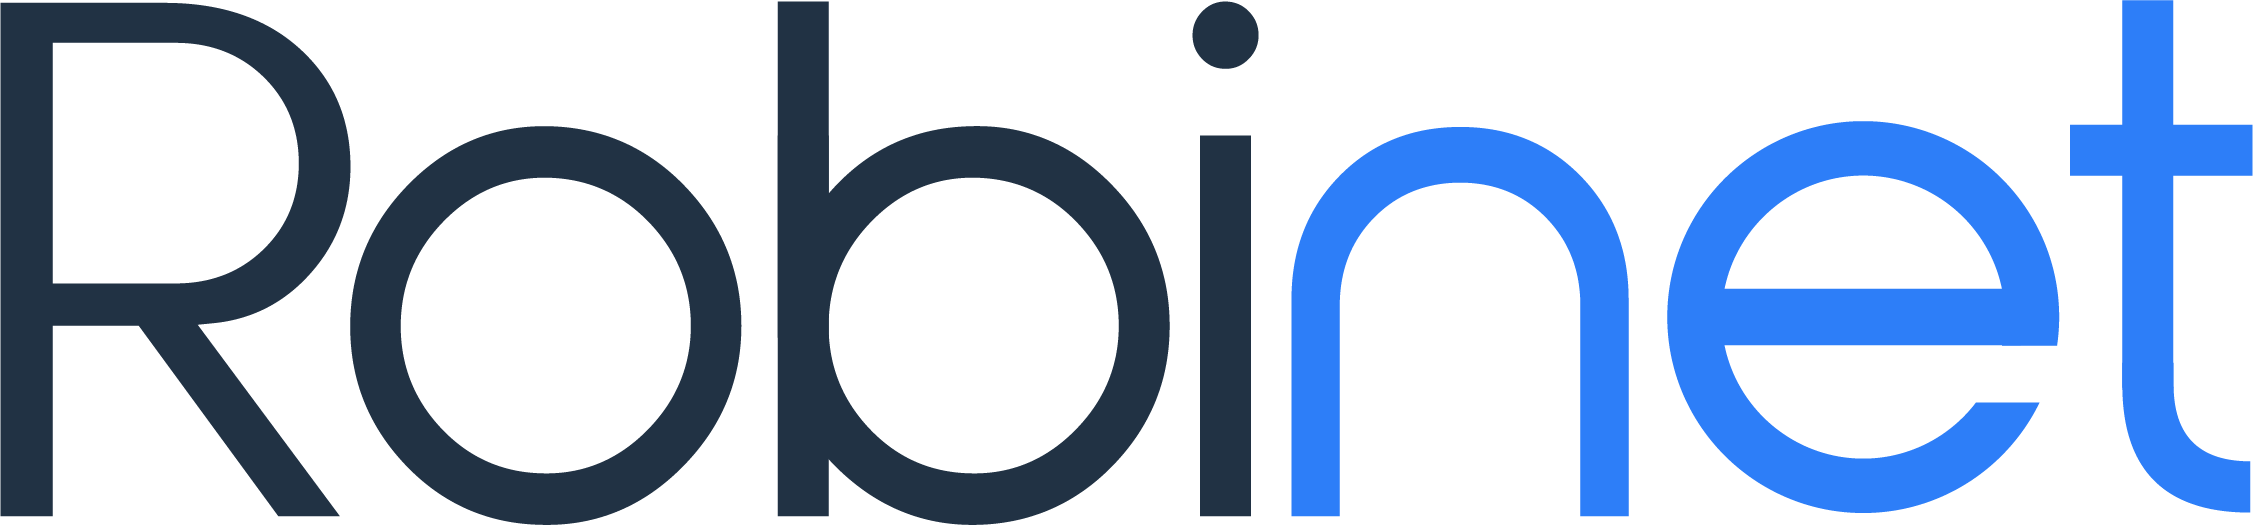 רובינט לניהול וייעול הפקדות מעסיקים